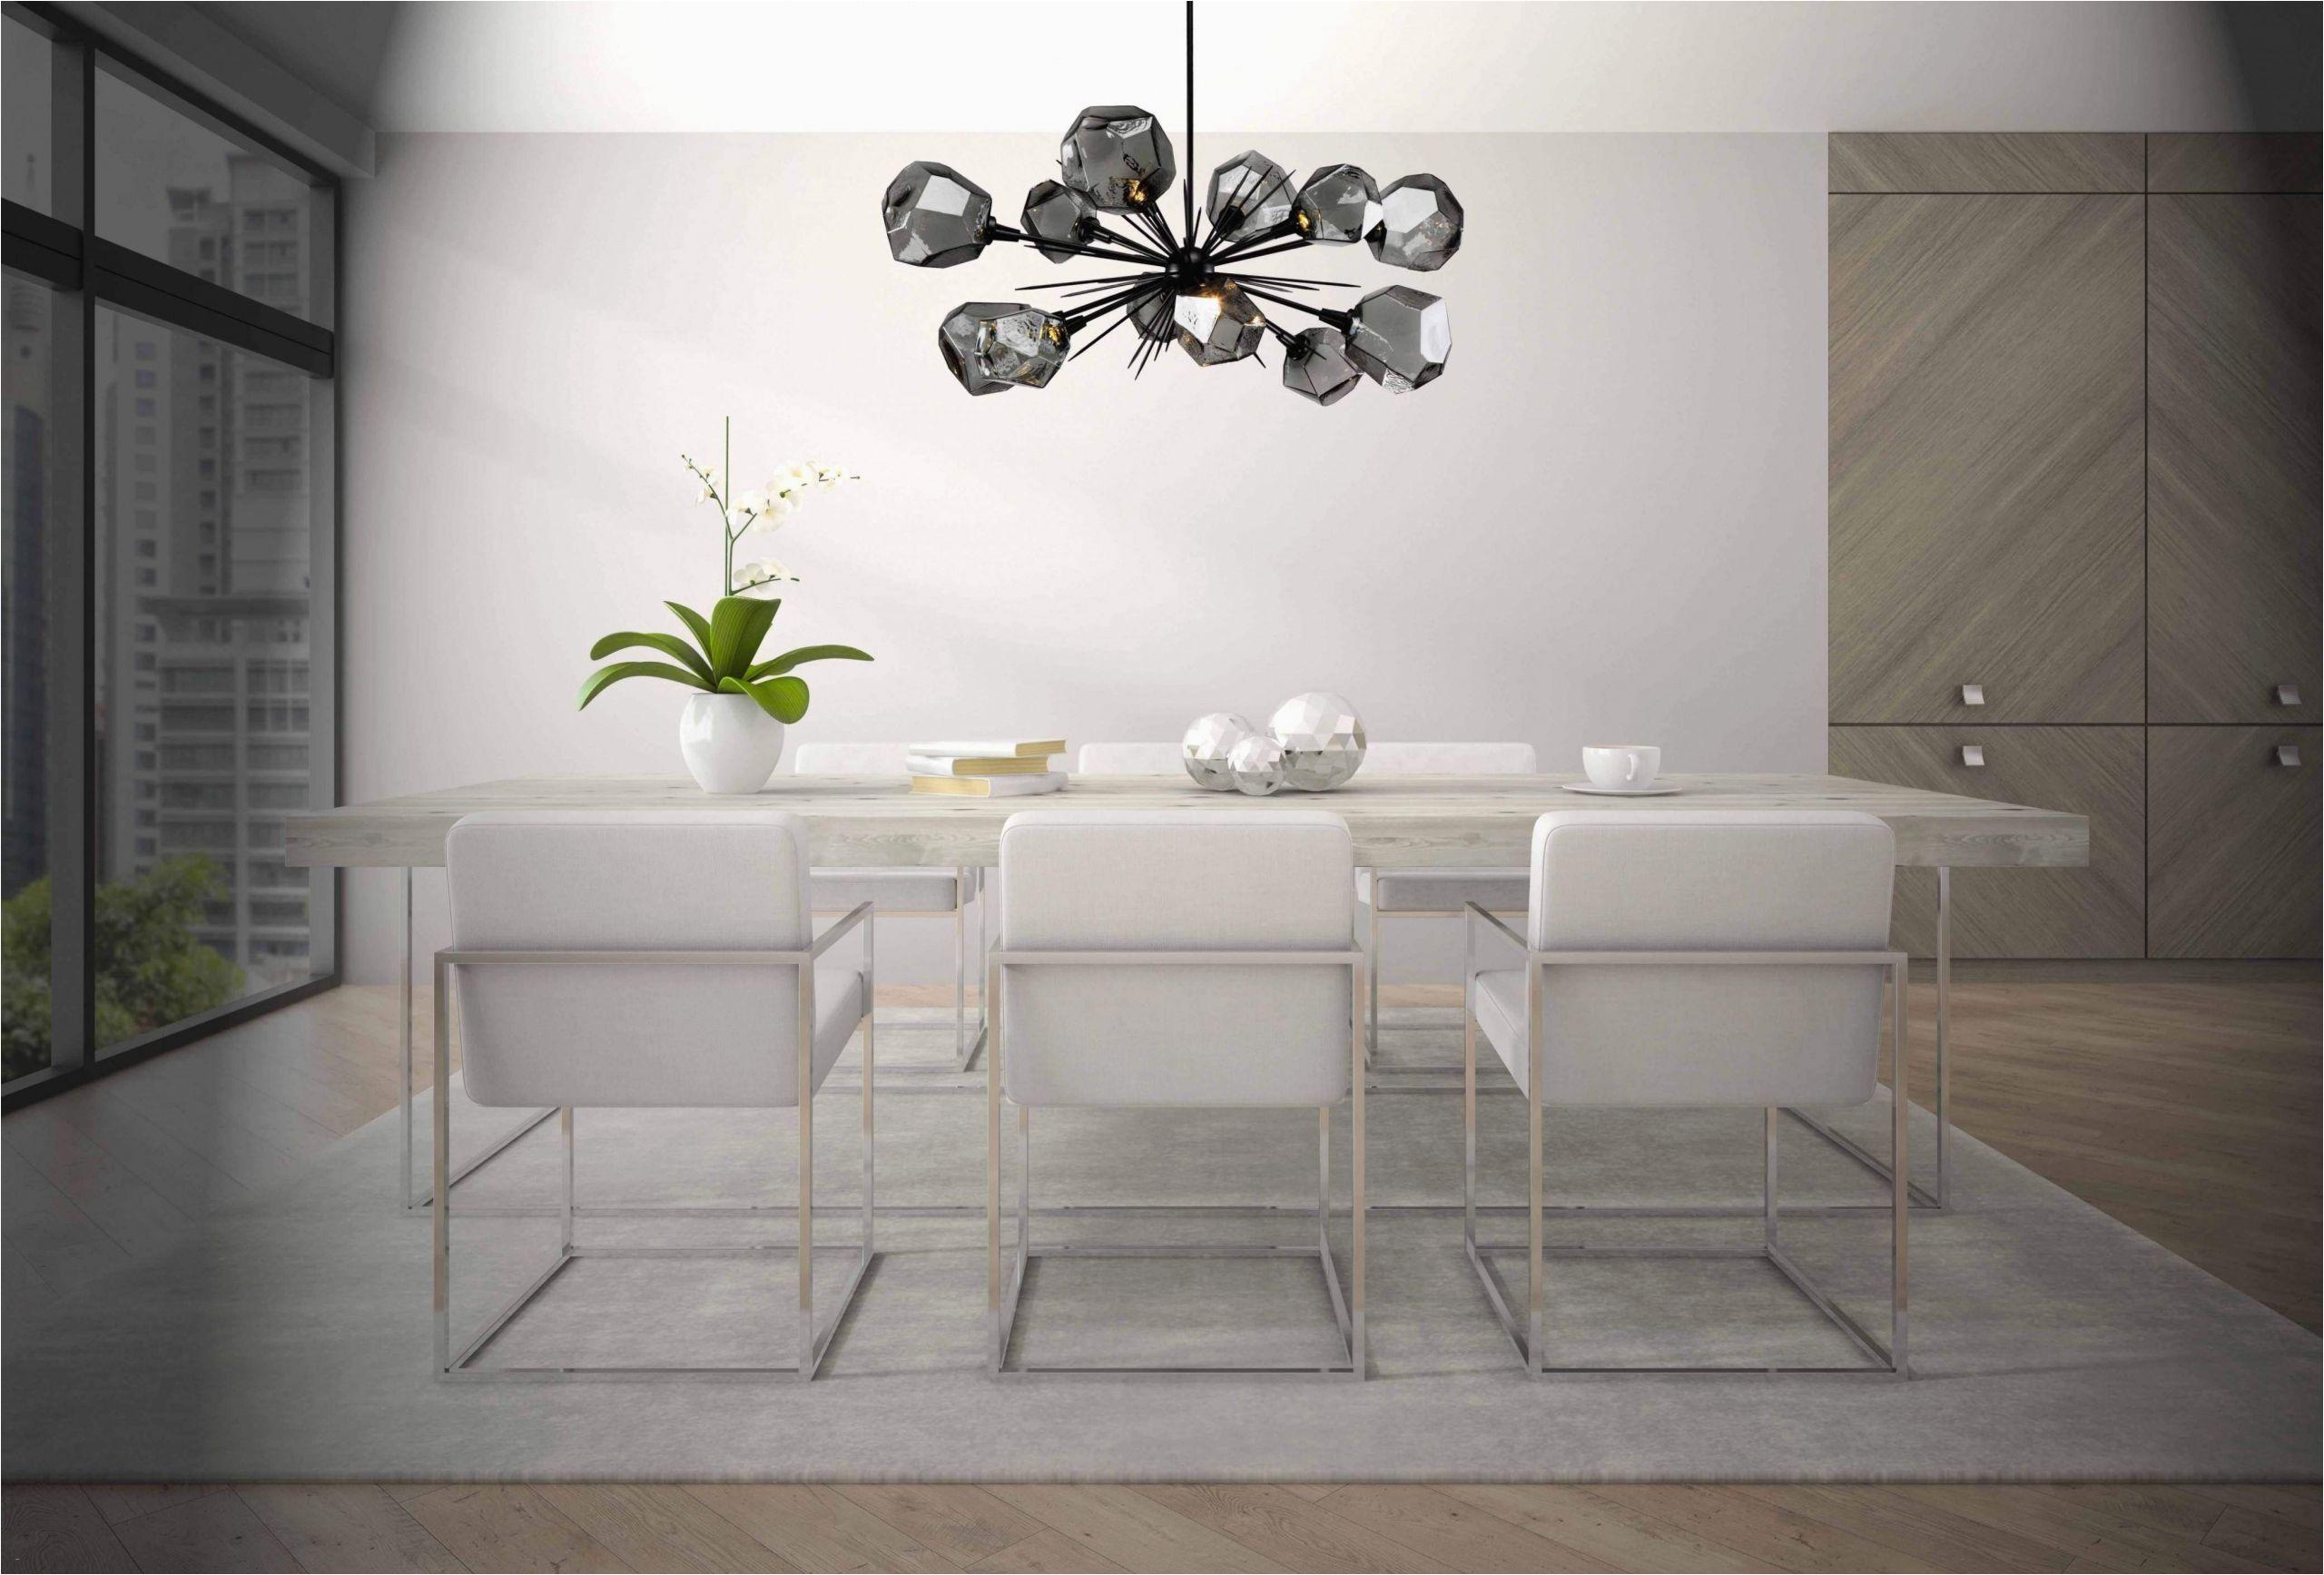 lampe fur wohnzimmer einzigartig lieblich wohnzimmer lampen design konzept of lampe fur wohnzimmer scaled